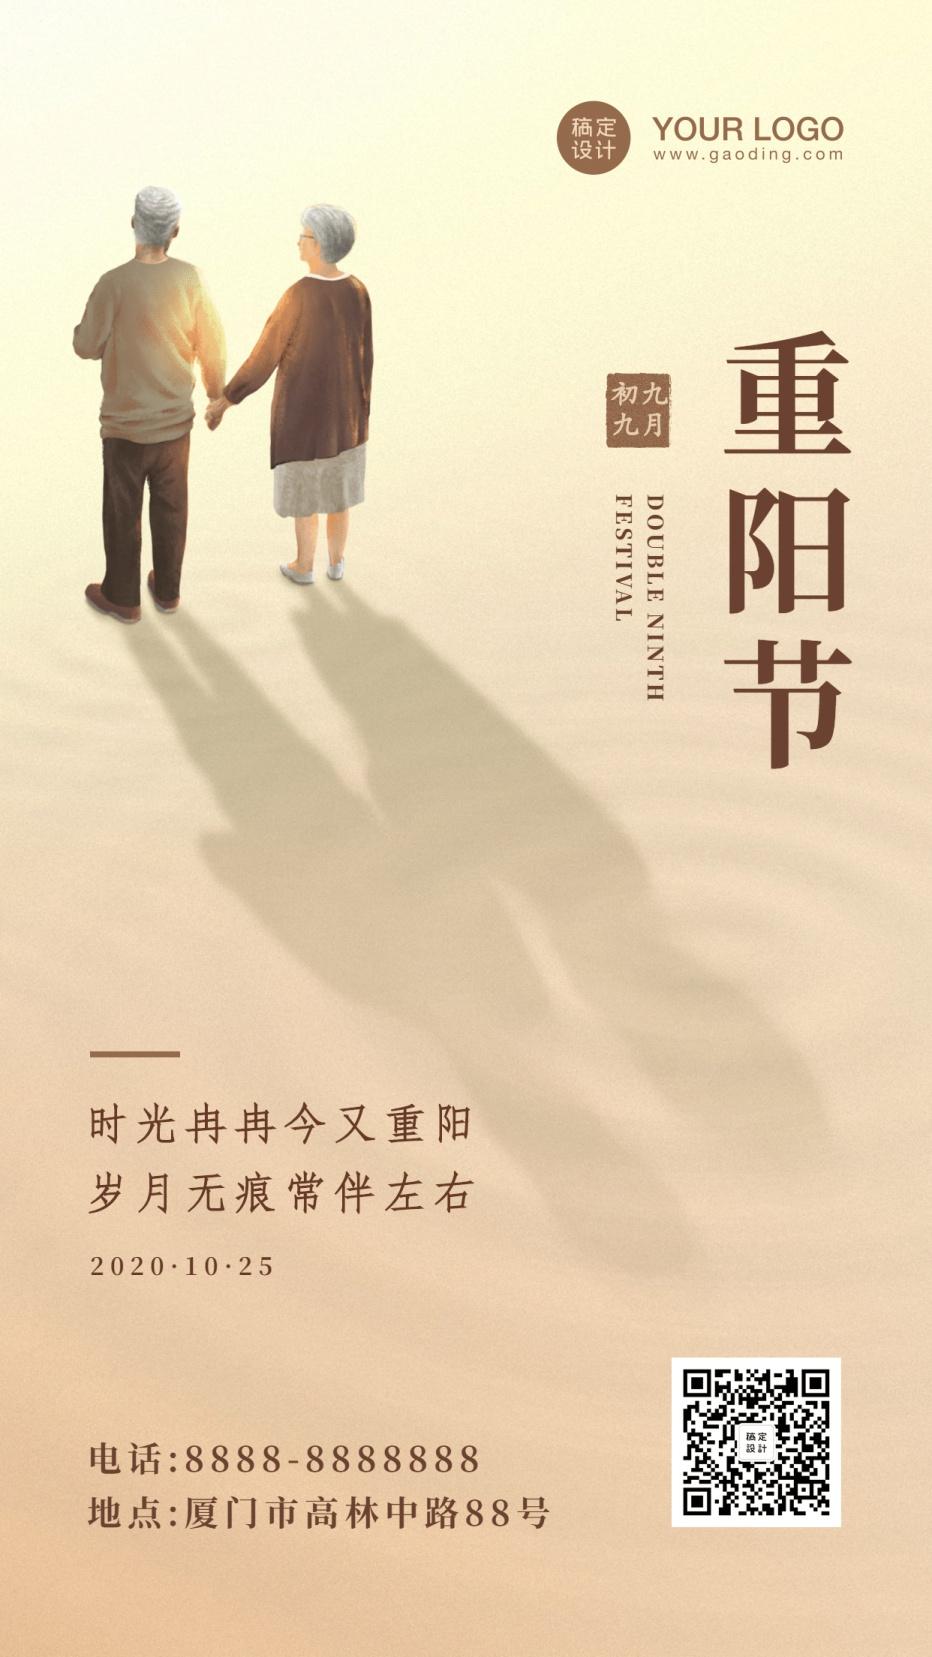 重阳节祝福老人背影排版手机海报